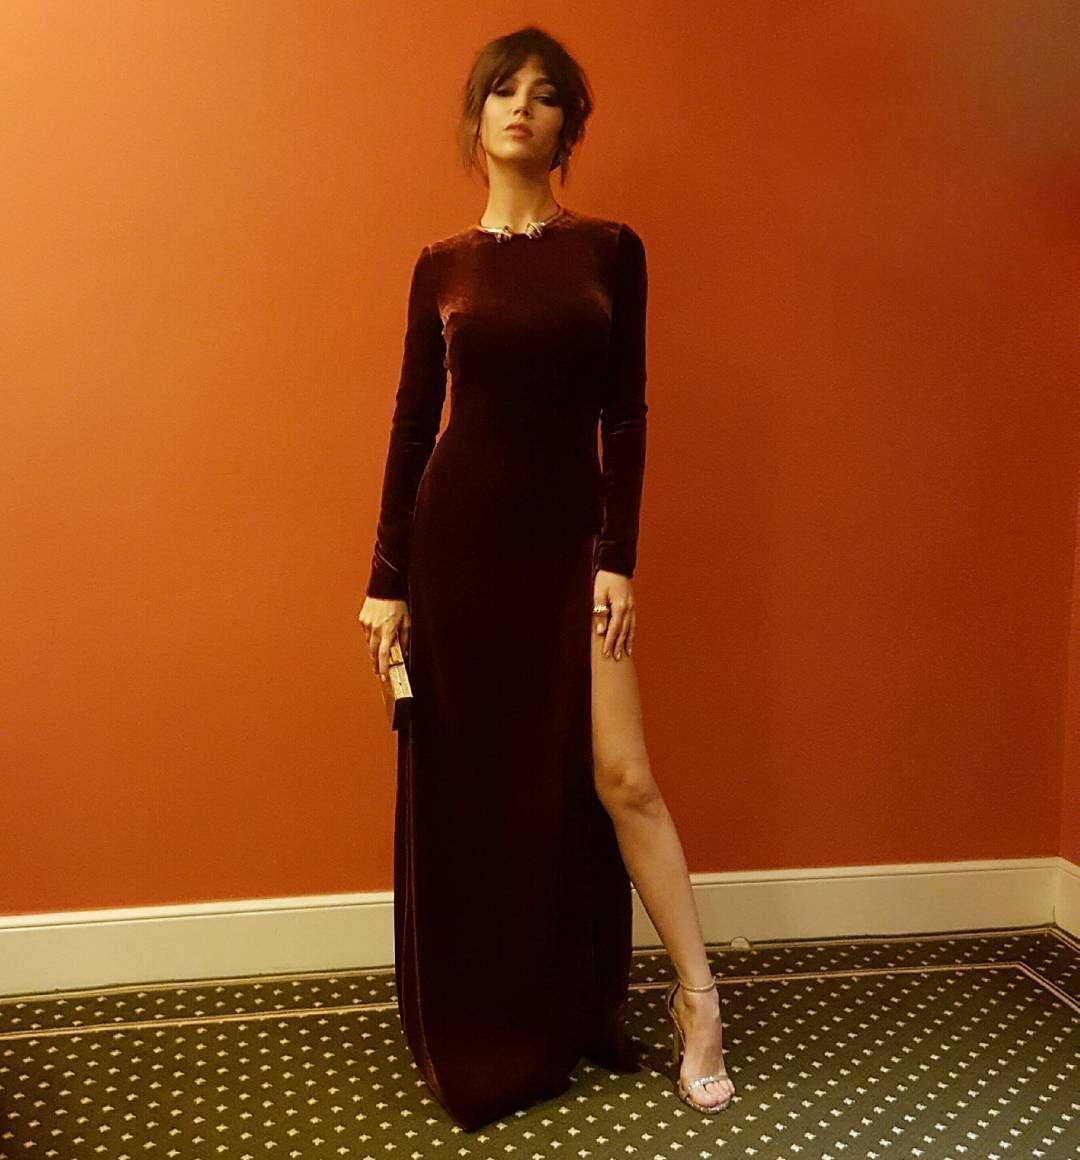 úrsula Corberó S Feet Wikifeet Fashion Cute Lazy Outfits Long Sleeve Dress